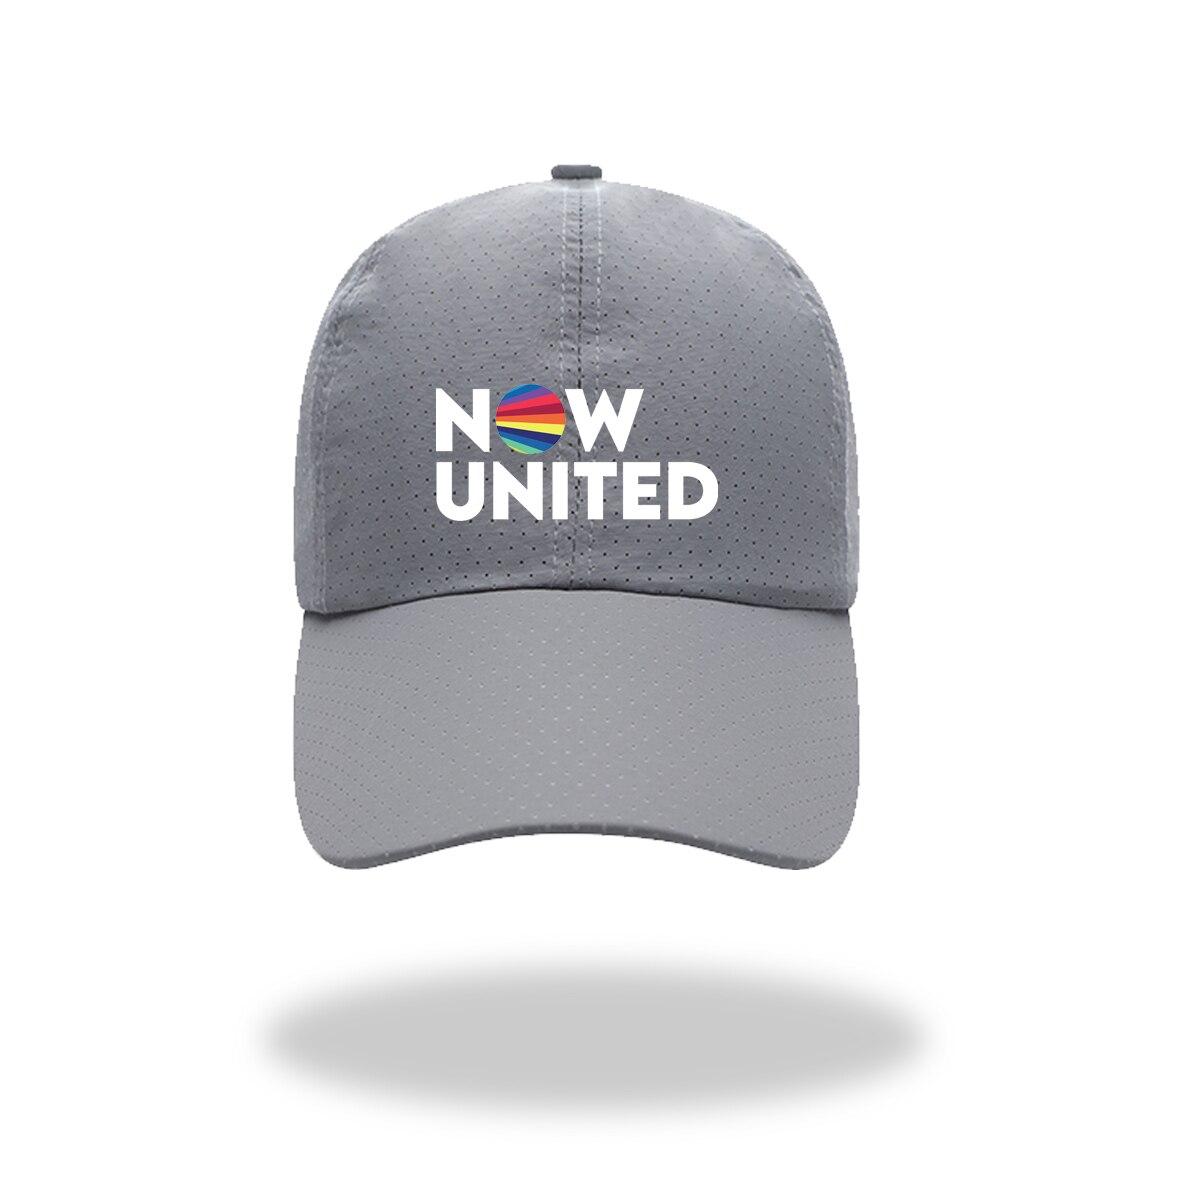 Теперь Объединенная Модная женская кепка с козырьком, Женская фатиновая Кепка для мужчин, уличные солнцезащитные кепки унисекс, кепки, кепк...